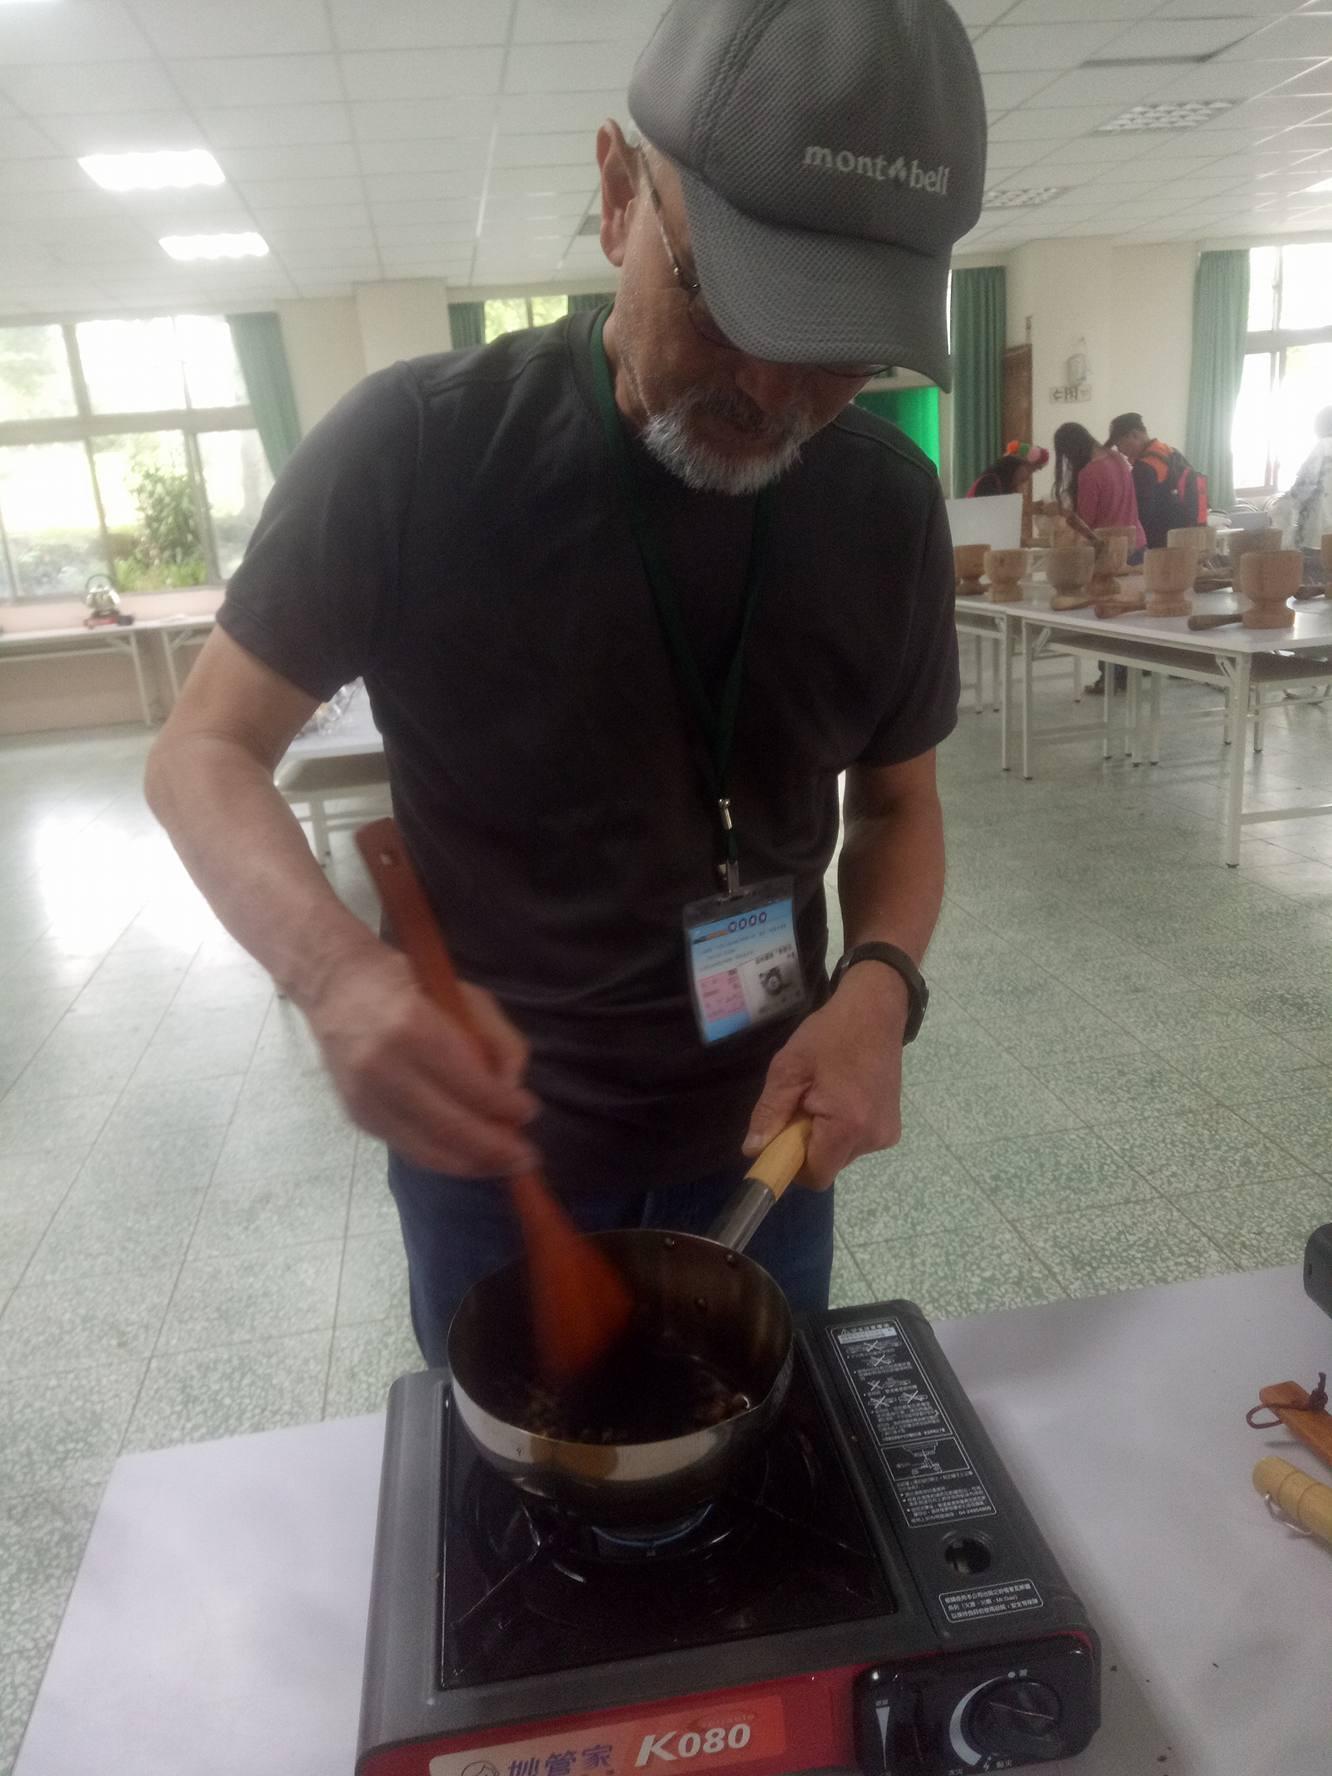 生豆から焙煎して淹れた阿里山コーヒーはおいしかったですよ_d0362031_16285479.jpg